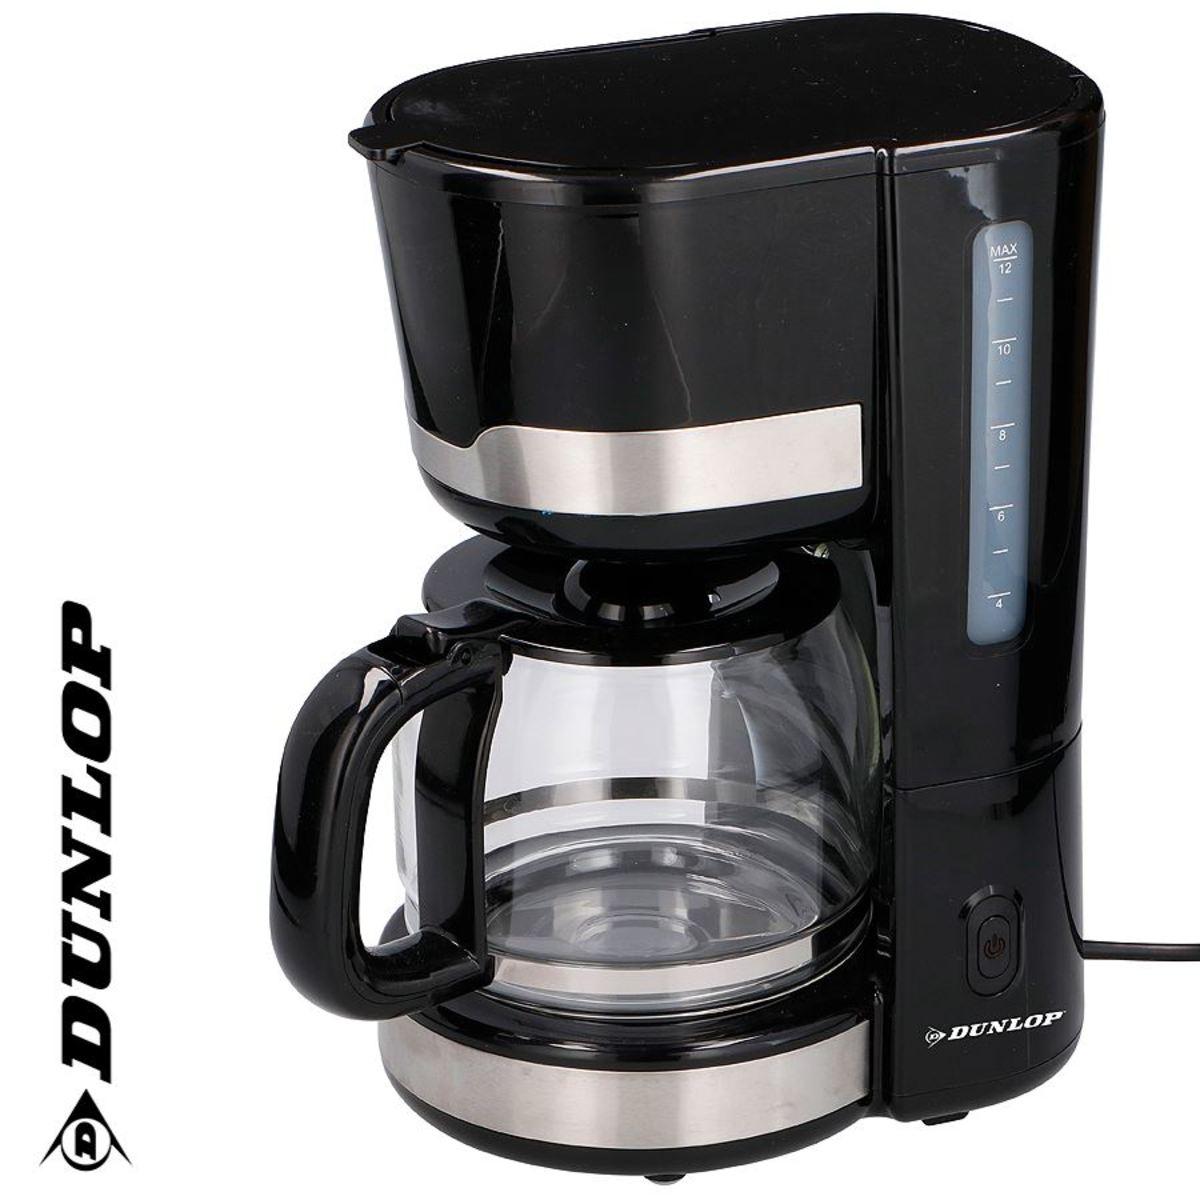 Bild 1 von Dunlop Kaffeemaschine CM1105-GS Schwarz/Edelstahl